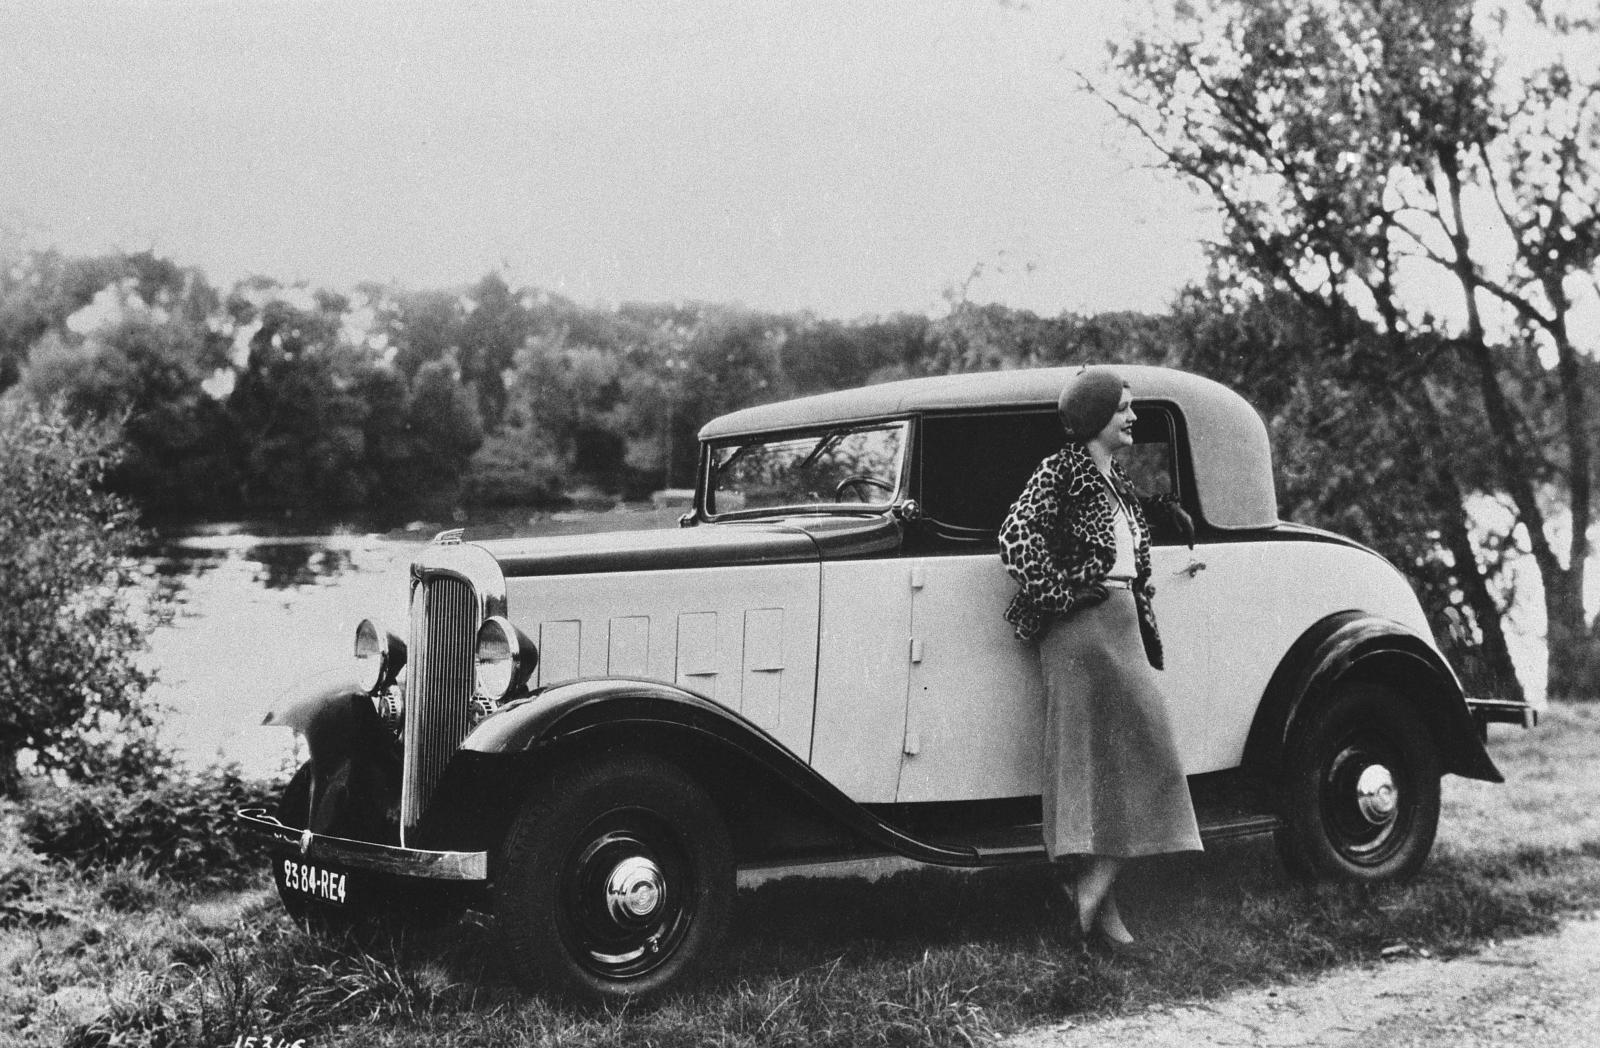 Rosalie 8CV Faux Cabriolet 2 places 1933